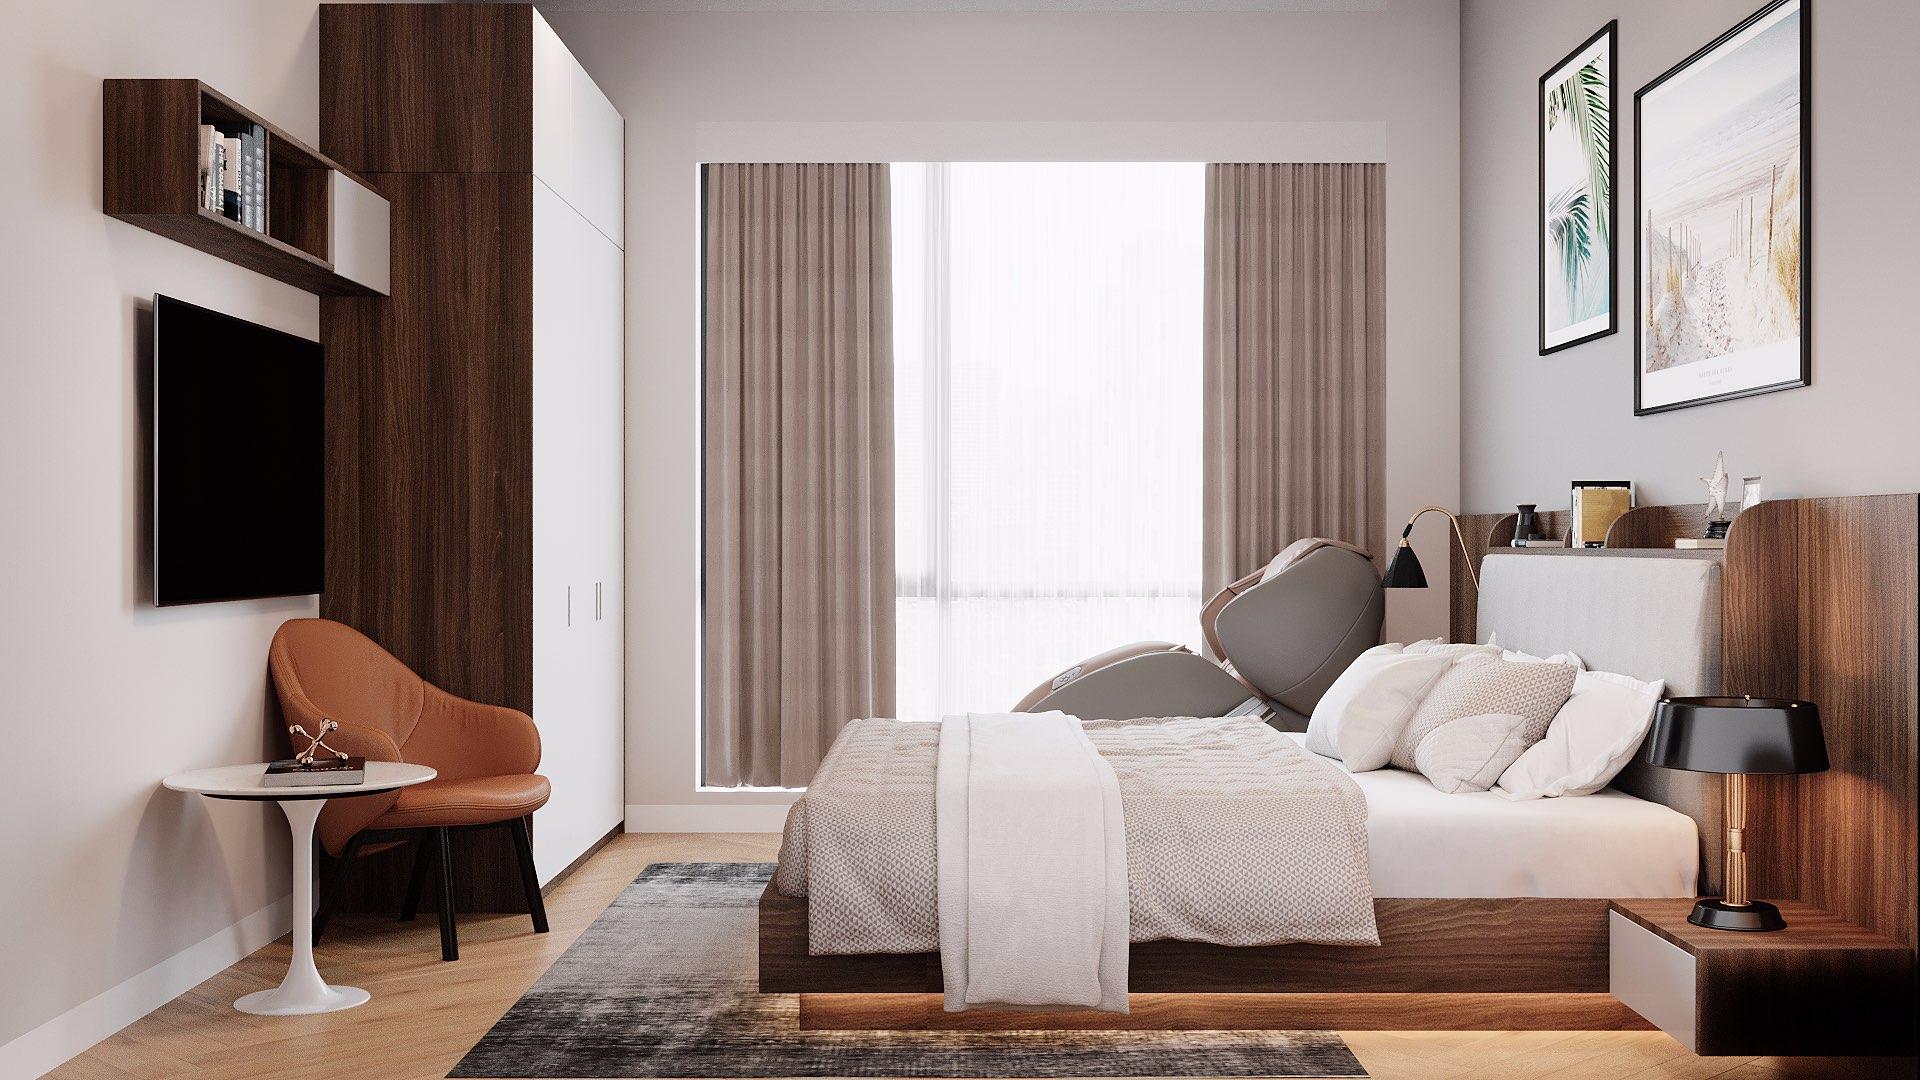 Chiếc giường MDF phủ Laminate có khả năng kháng ẩm cực tốt nên dù đặt sát nền bạn cũng không cần lo lắng, nhất là những ngày nồm ẩm hay không may làm đổ nước ra sàn.